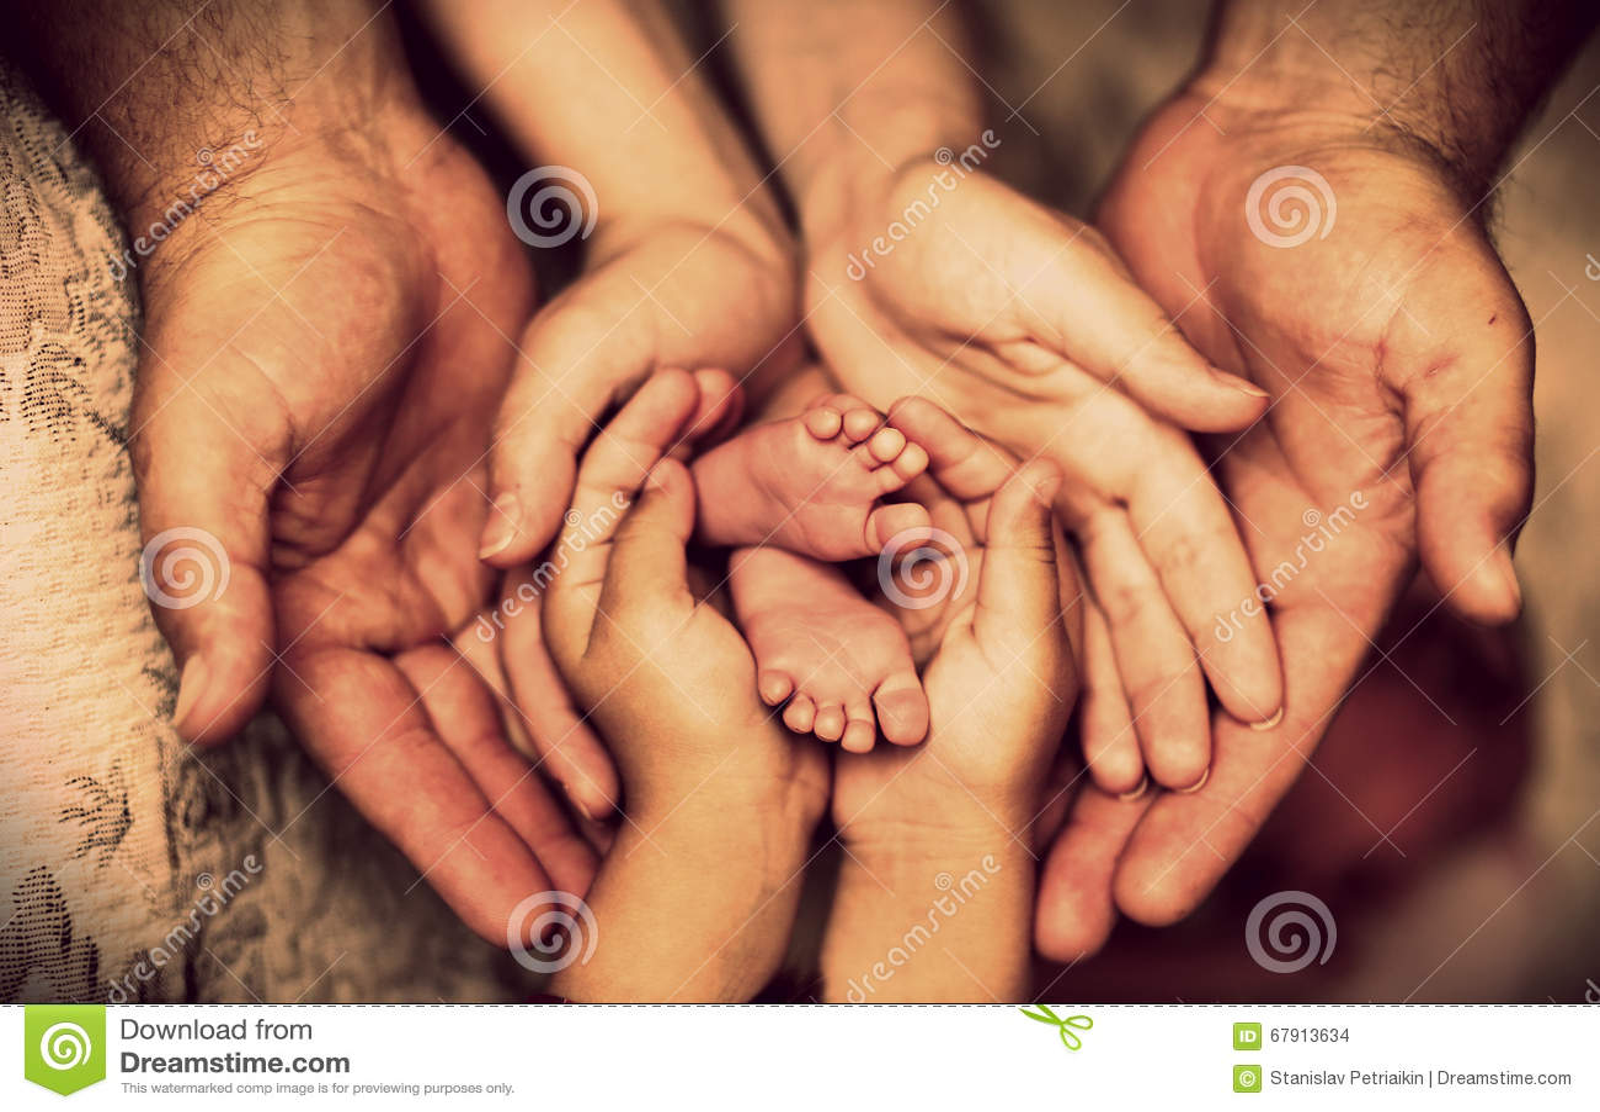 Les mains du père, mère, fille gardent le petit bébé de pieds Famille heureuse amicale